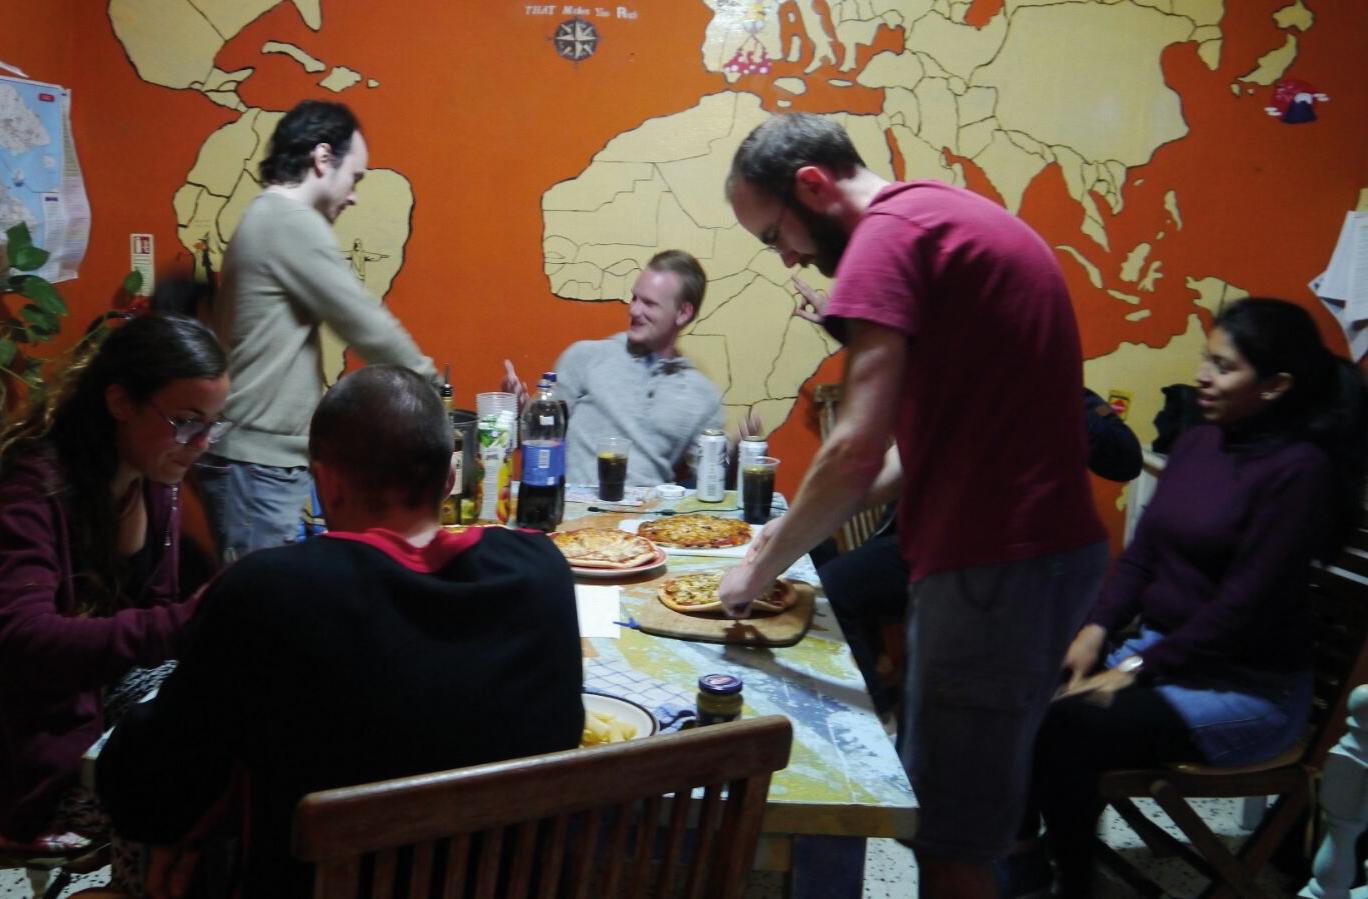 Essen auf dem Tisch mit Leuten